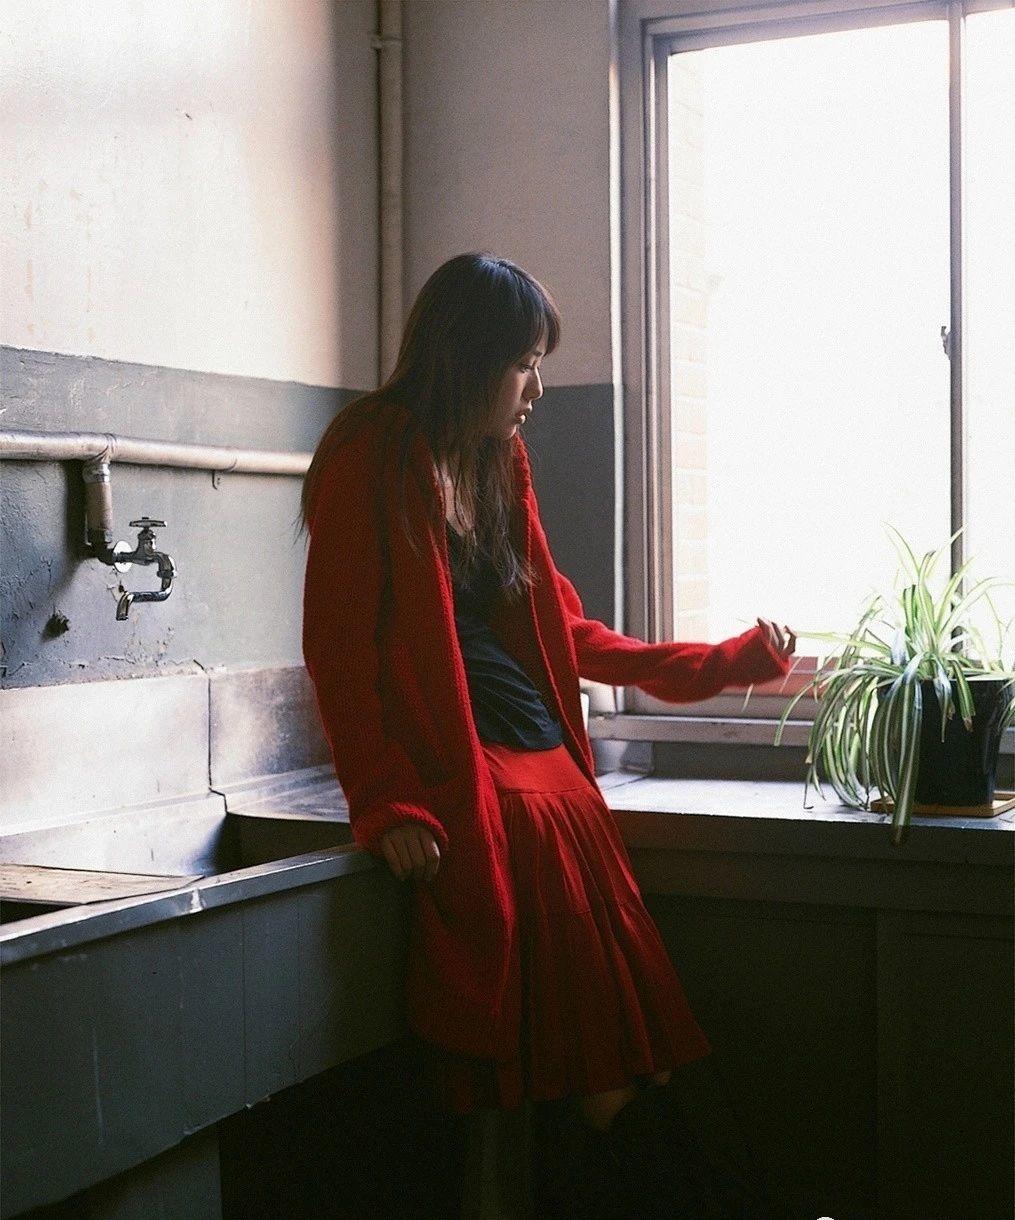 美的不可方物少女时代的户田惠梨香写真作品 (17)